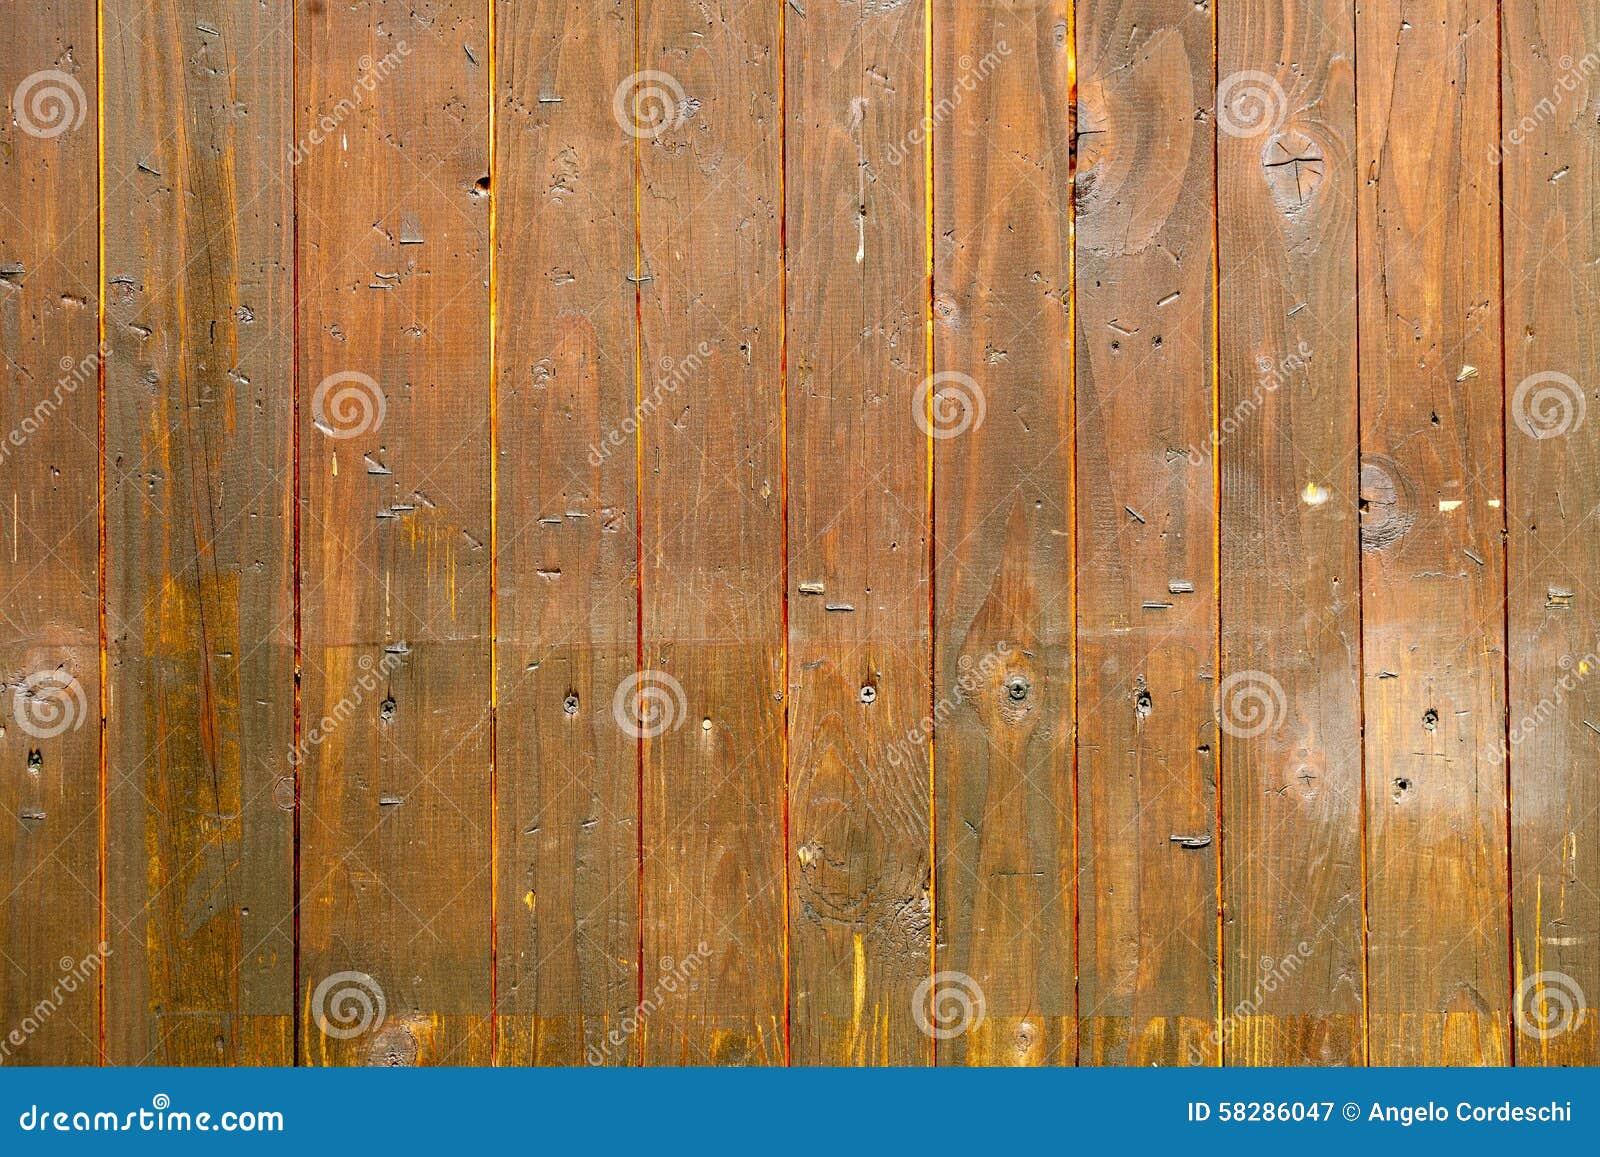 Tablones marrones verticales de madera texture horizontal - Maderas del pino ...